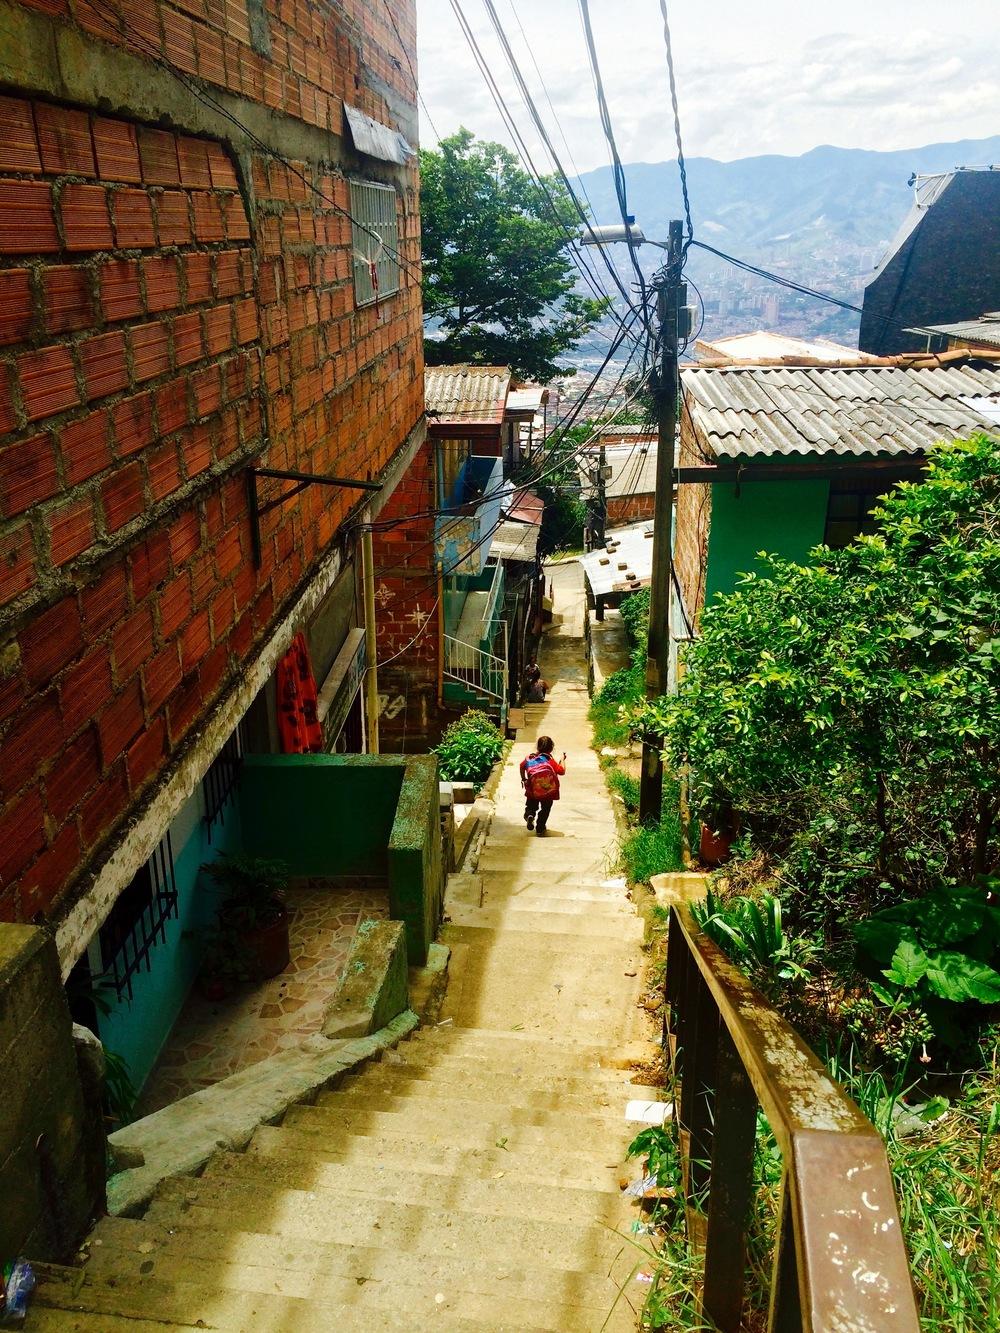 The favelas of Medellín